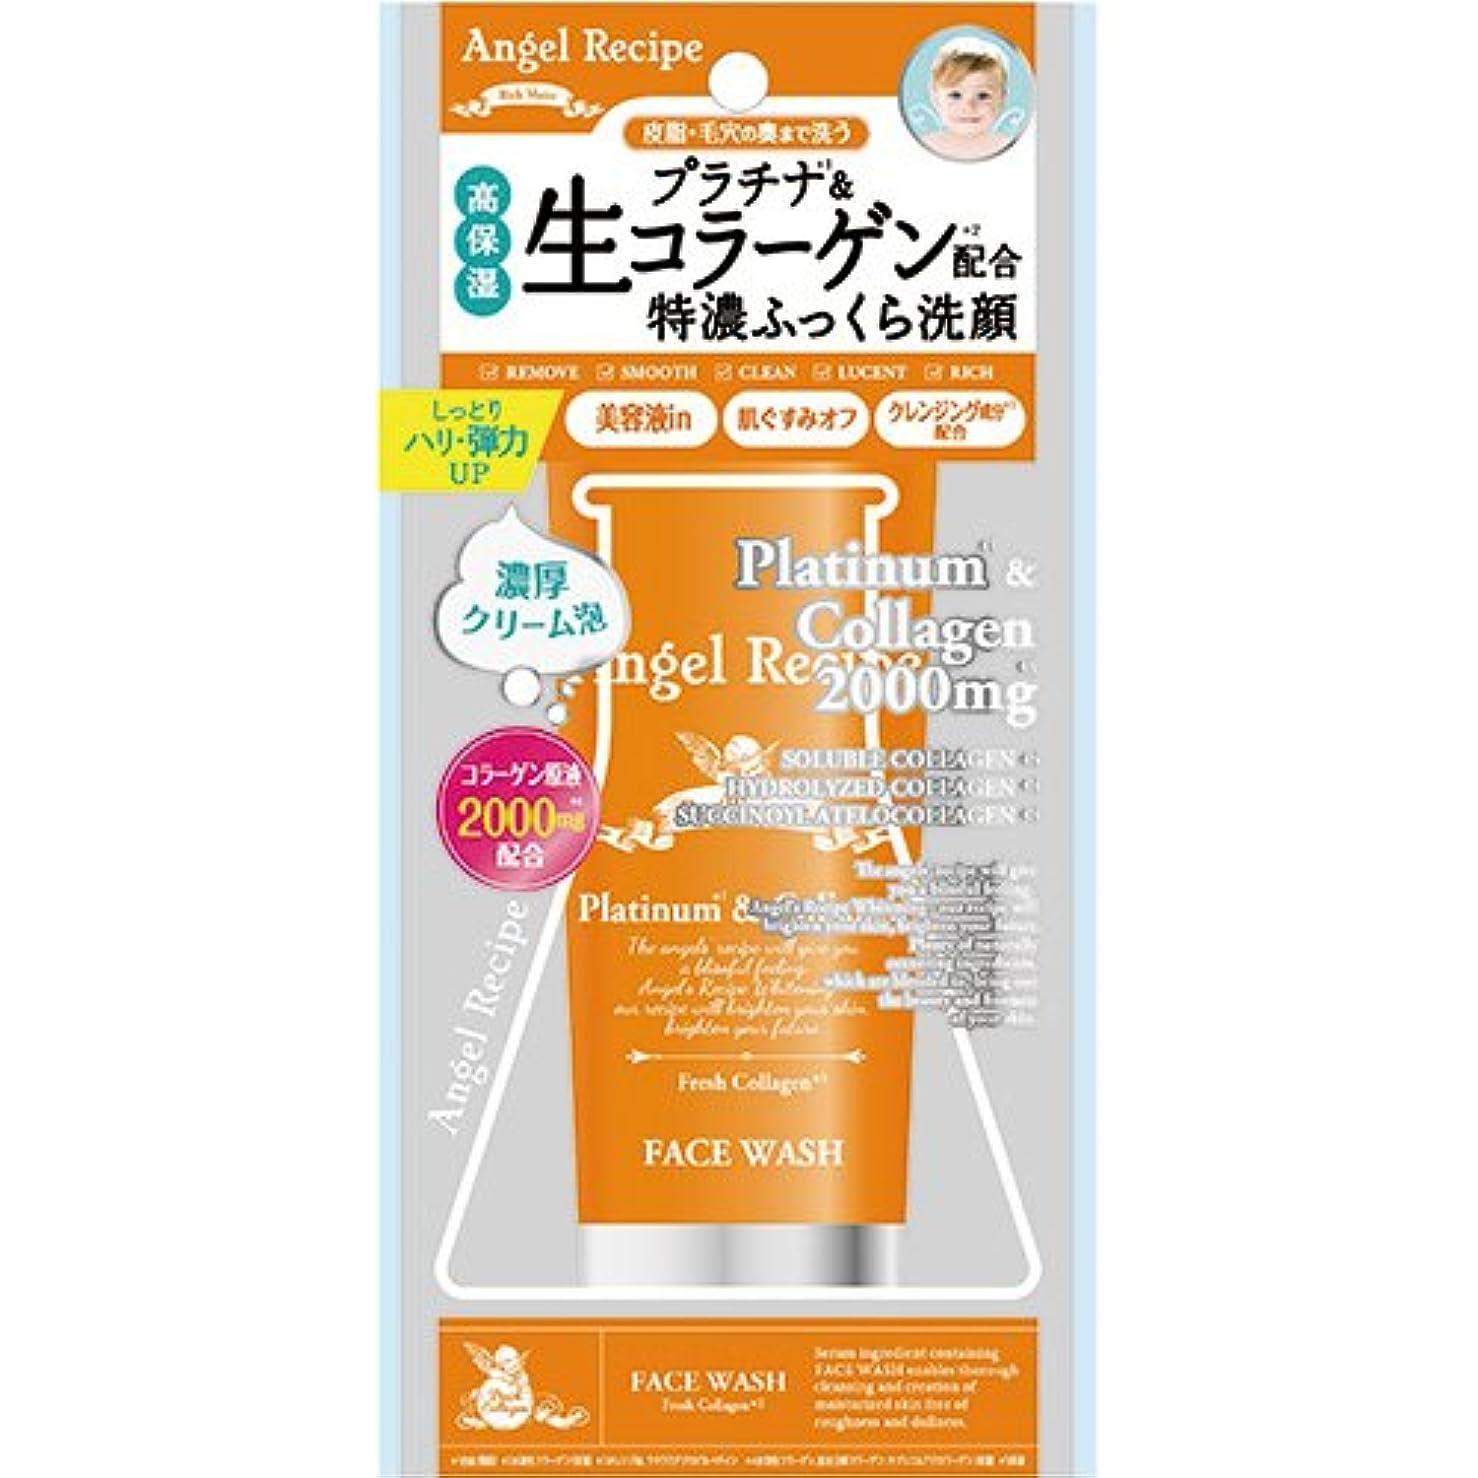 狼反響する植生AngelRecipe エンジェルレシピ リッチモイスト 洗顔フォーム 90g